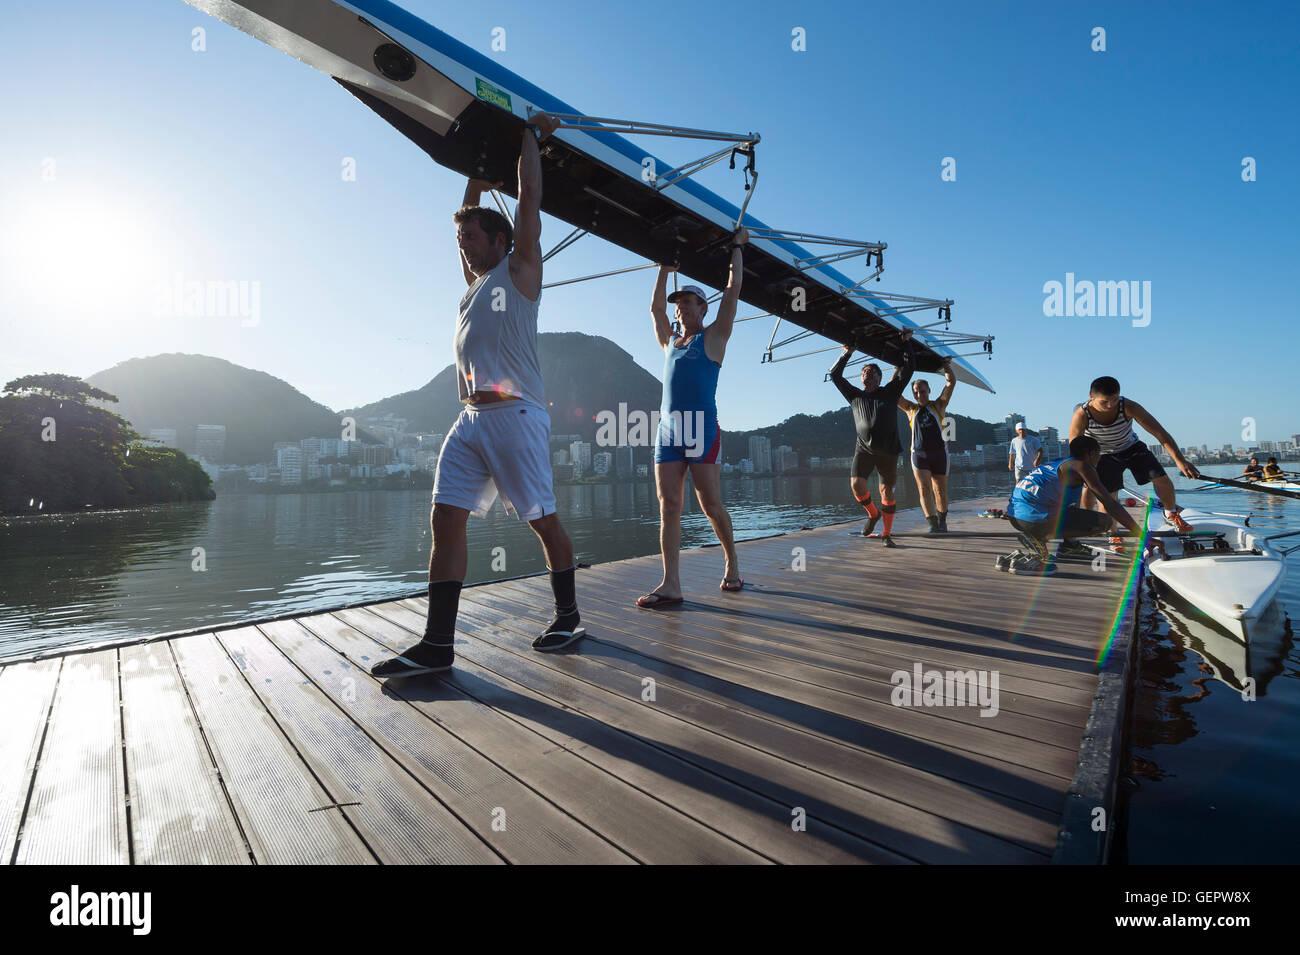 RIO DE JANEIRO - Marzo 22, 2016: Después del entrenamiento, el brasileño remeros llevar su barco de vuelta Imagen De Stock